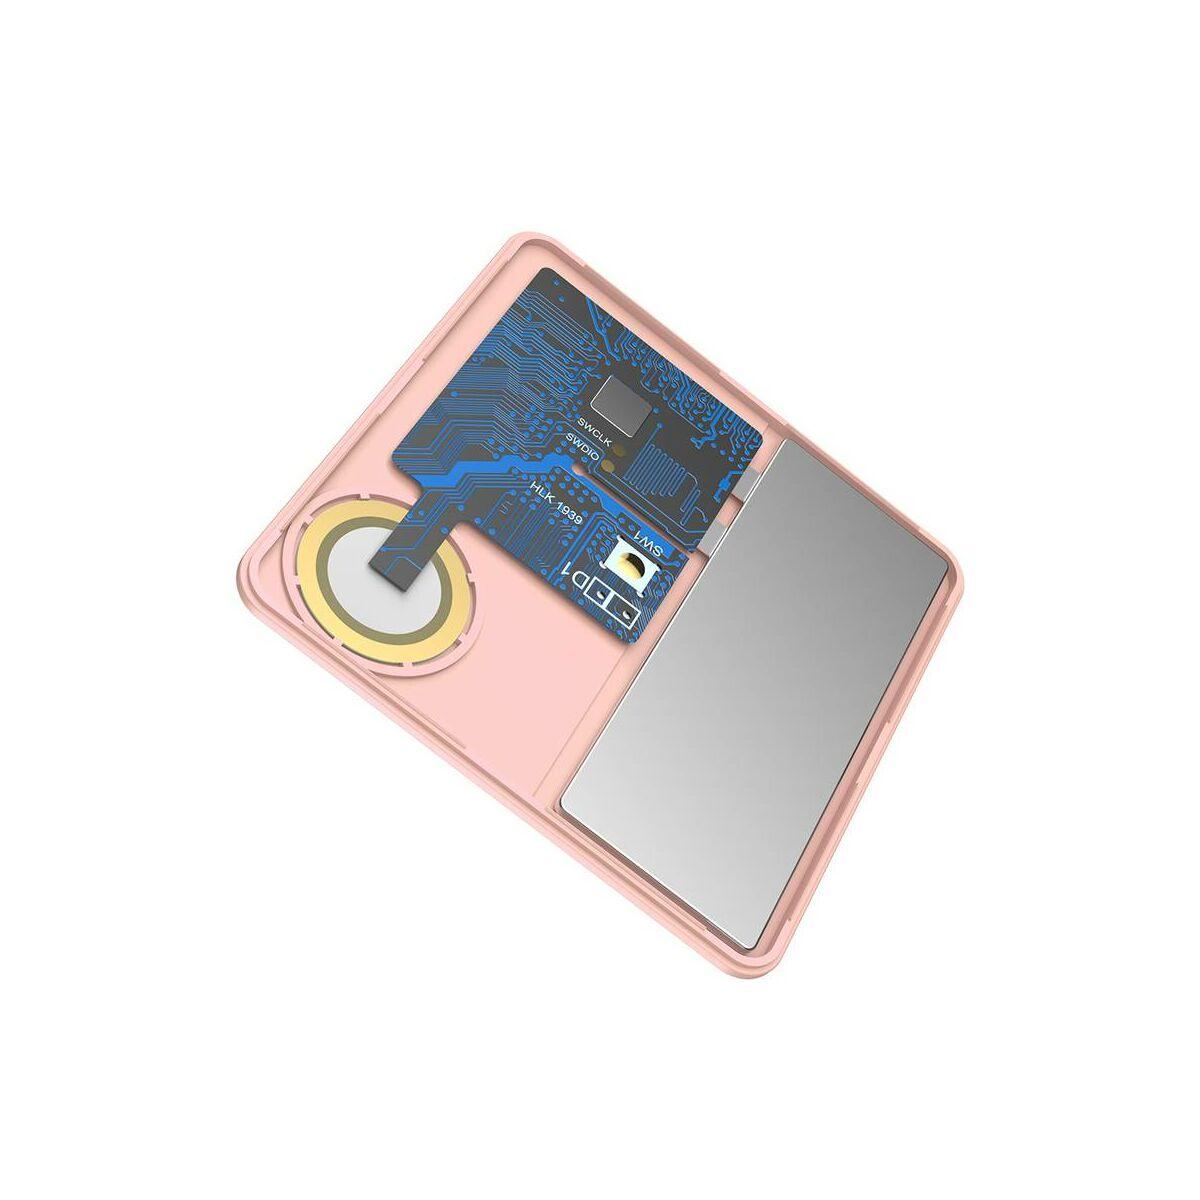 Baseus otthon, Intelligens T1 mini lapos kártya forma, elveszett eszközök/kulcsok megtalálásához eszköz és detektor, rózsaszín (ZLFDQT1-04)